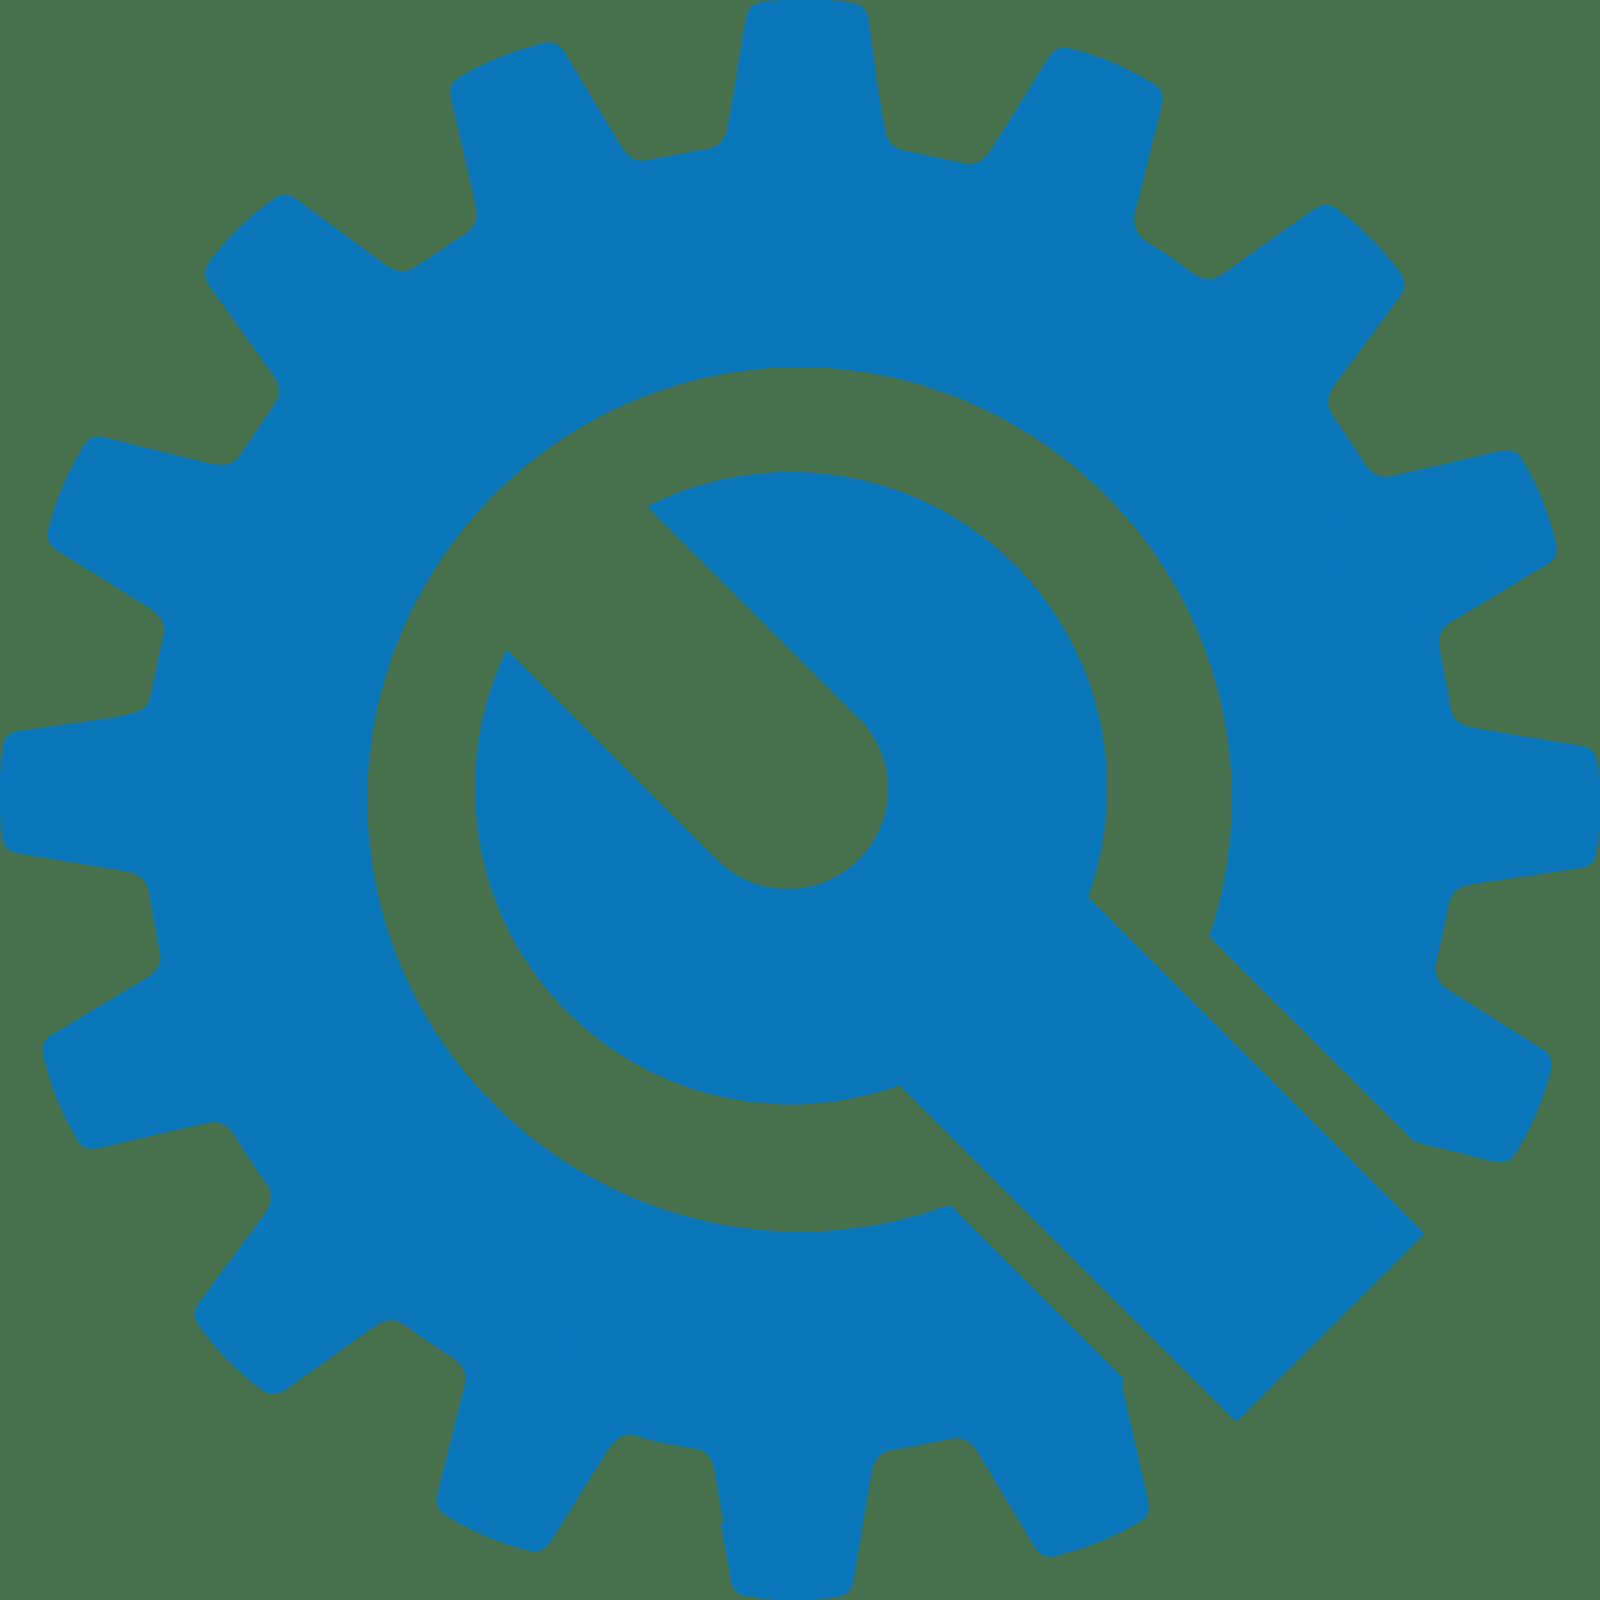 Servizi - Web design